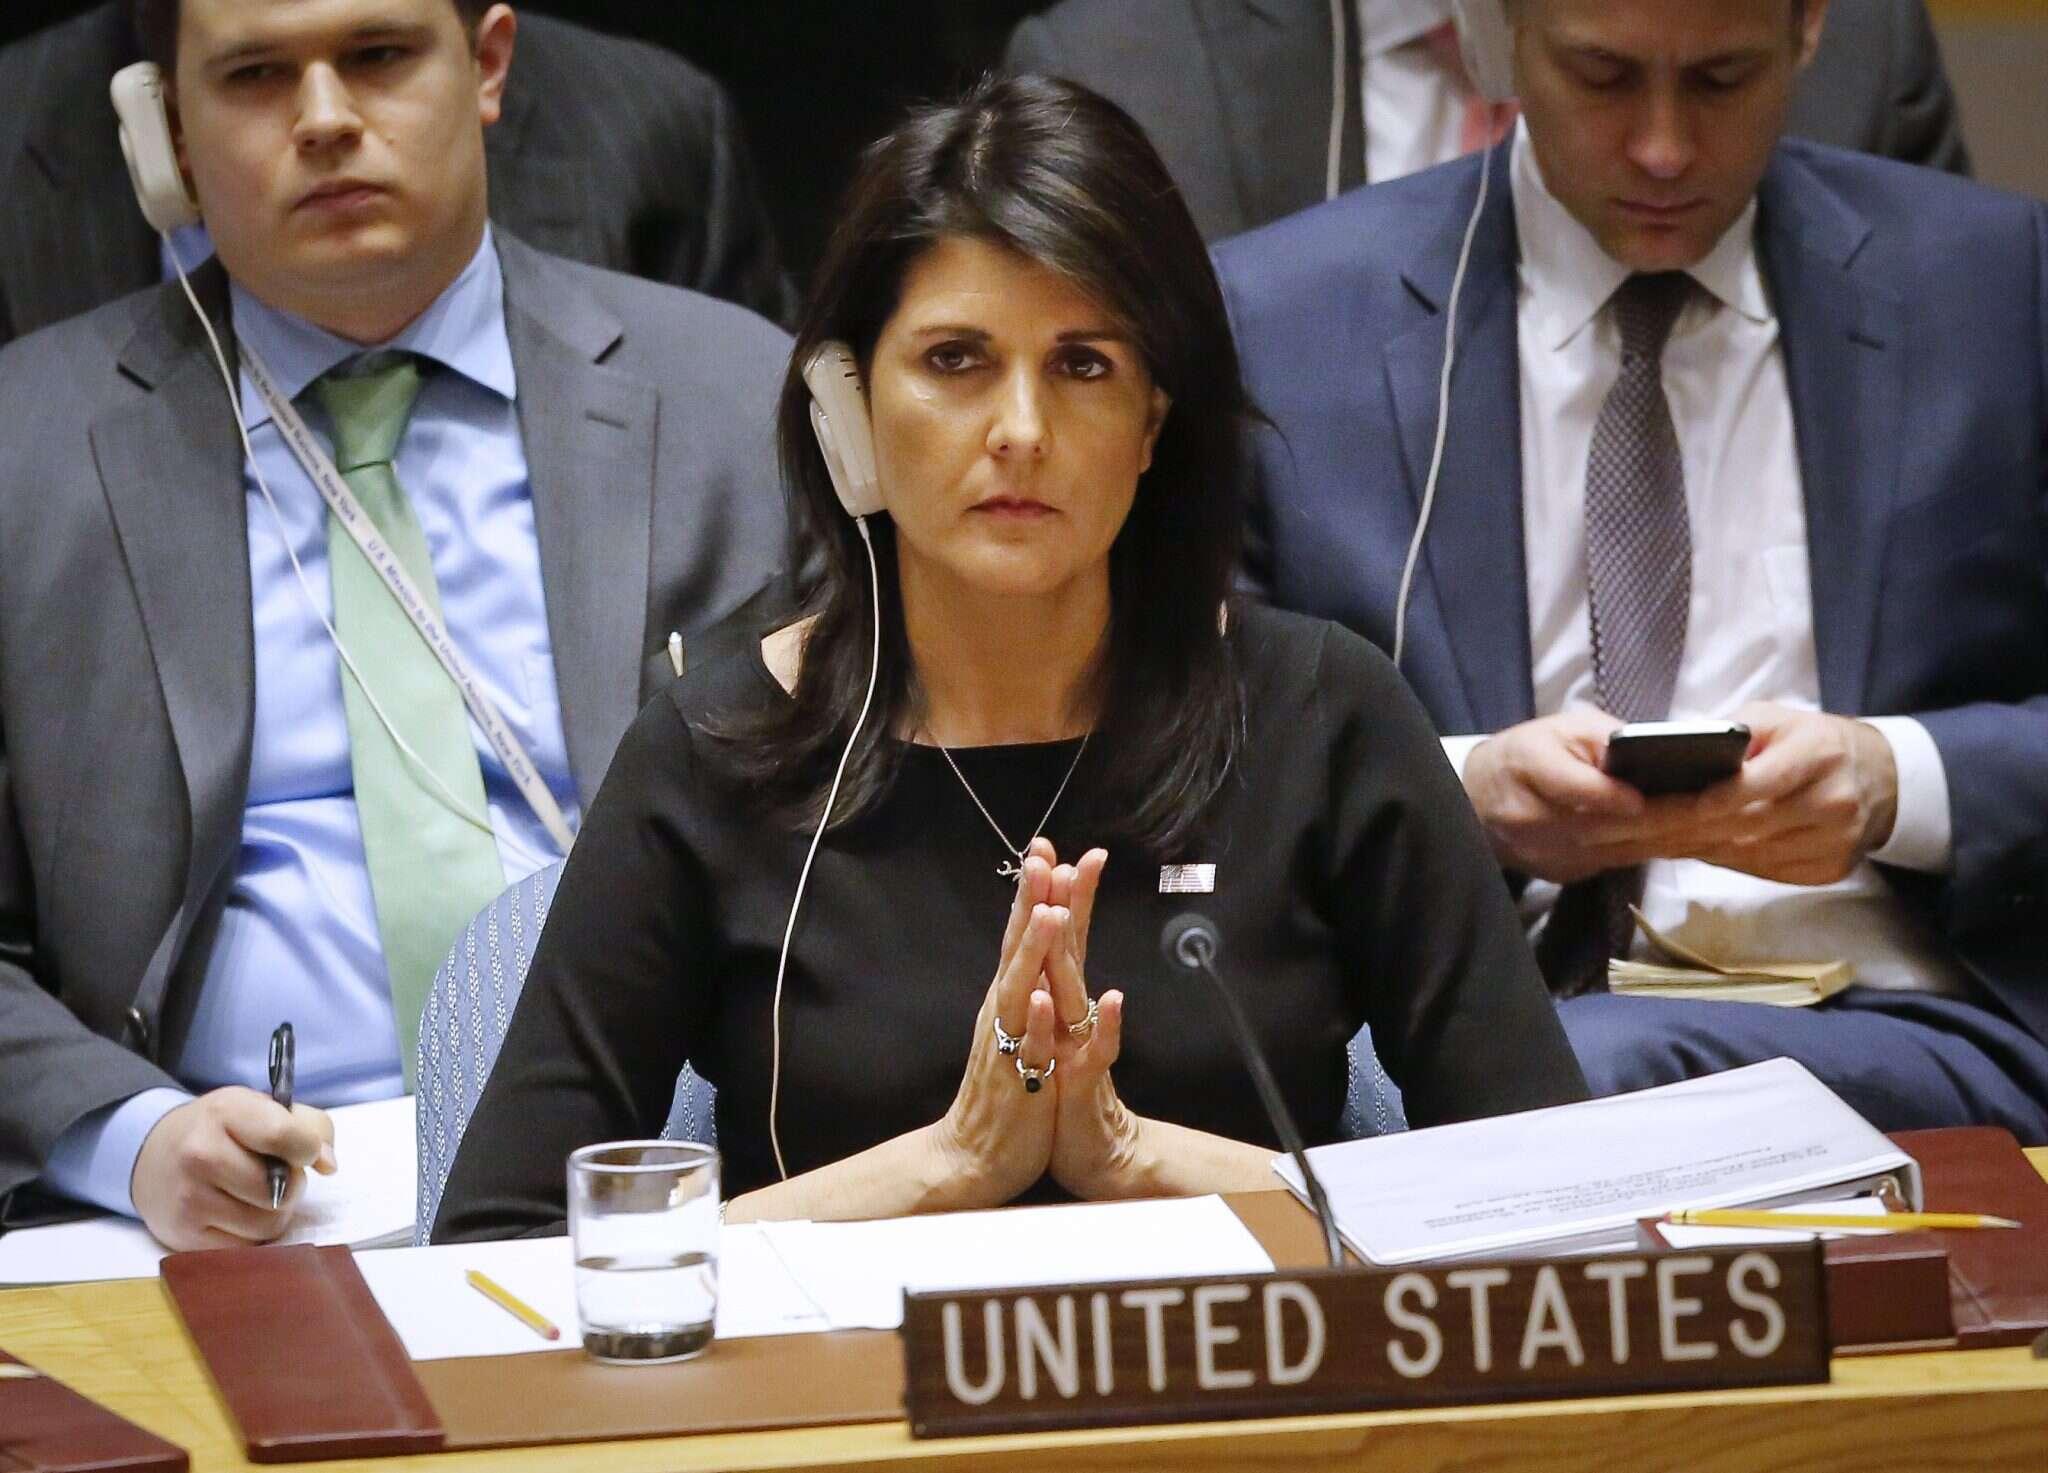 דיפלומטים משוכנעים: ניקי היילי מכוונת לנשיאות - מקור ראשון